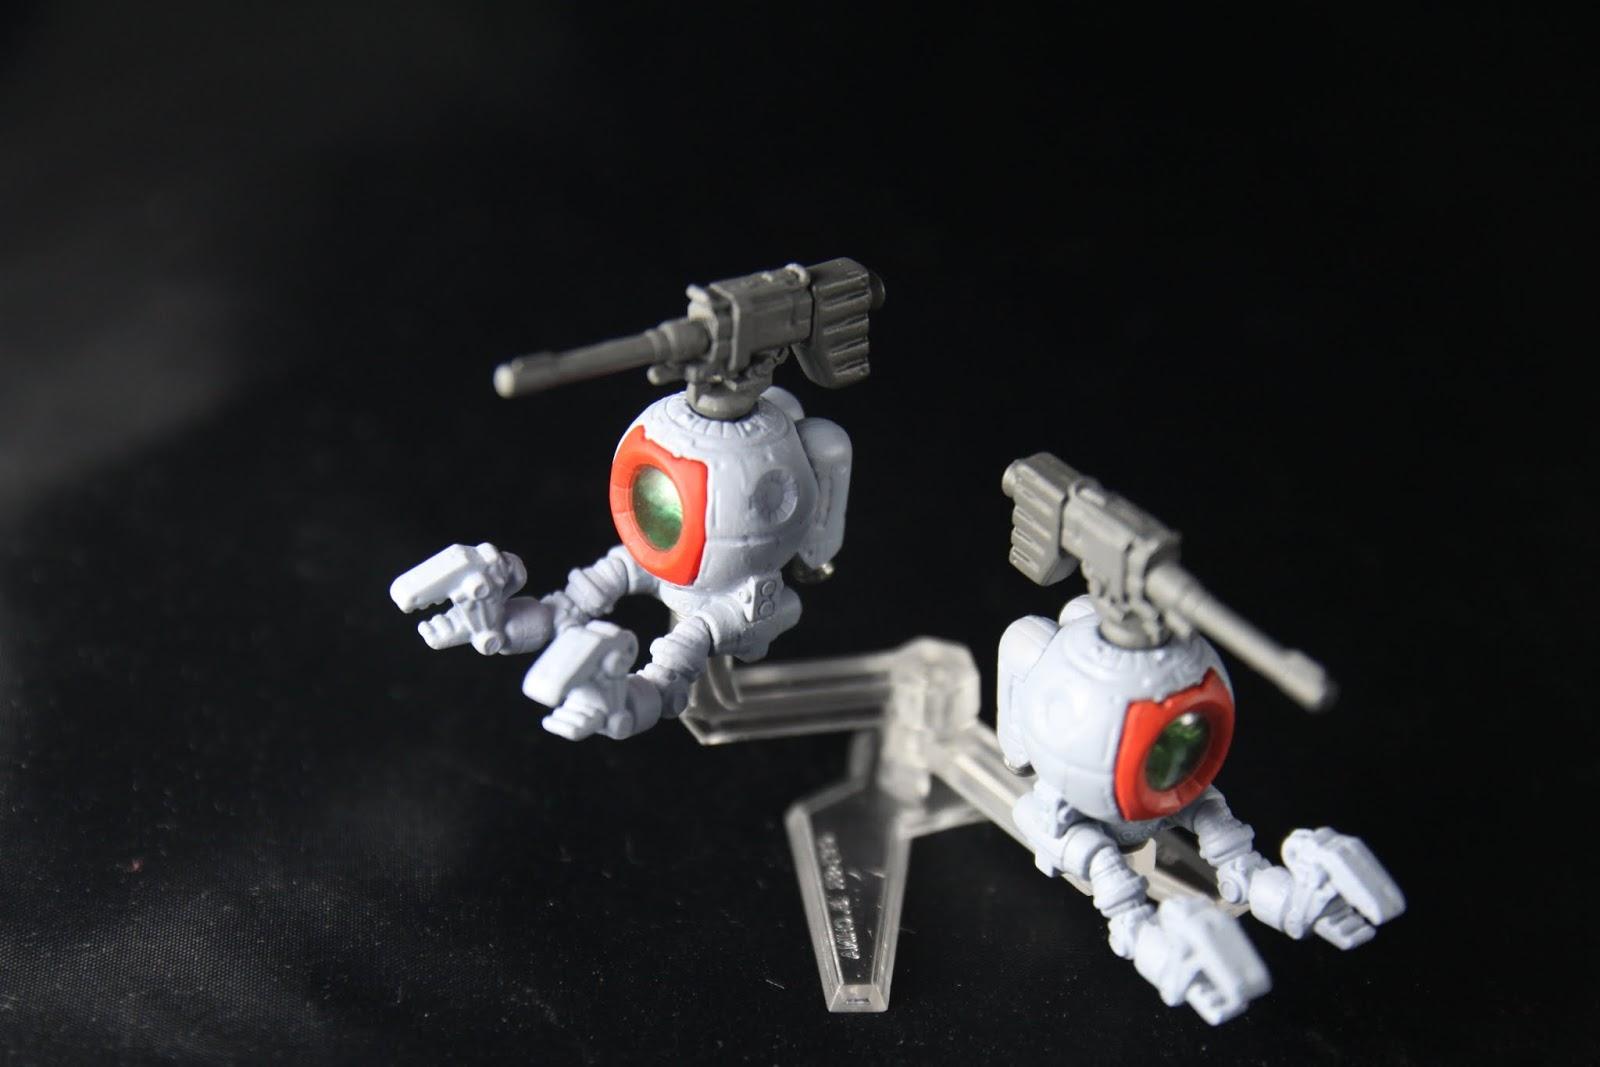 """定位是中距砲擊支援機 所以主武裝就是頭上那挺砲 不過在""""MS08小隊""""這部裡 主角有展示出了鋼球也可以近戰的能力 但這是取決駕駛的技術跟運氣"""